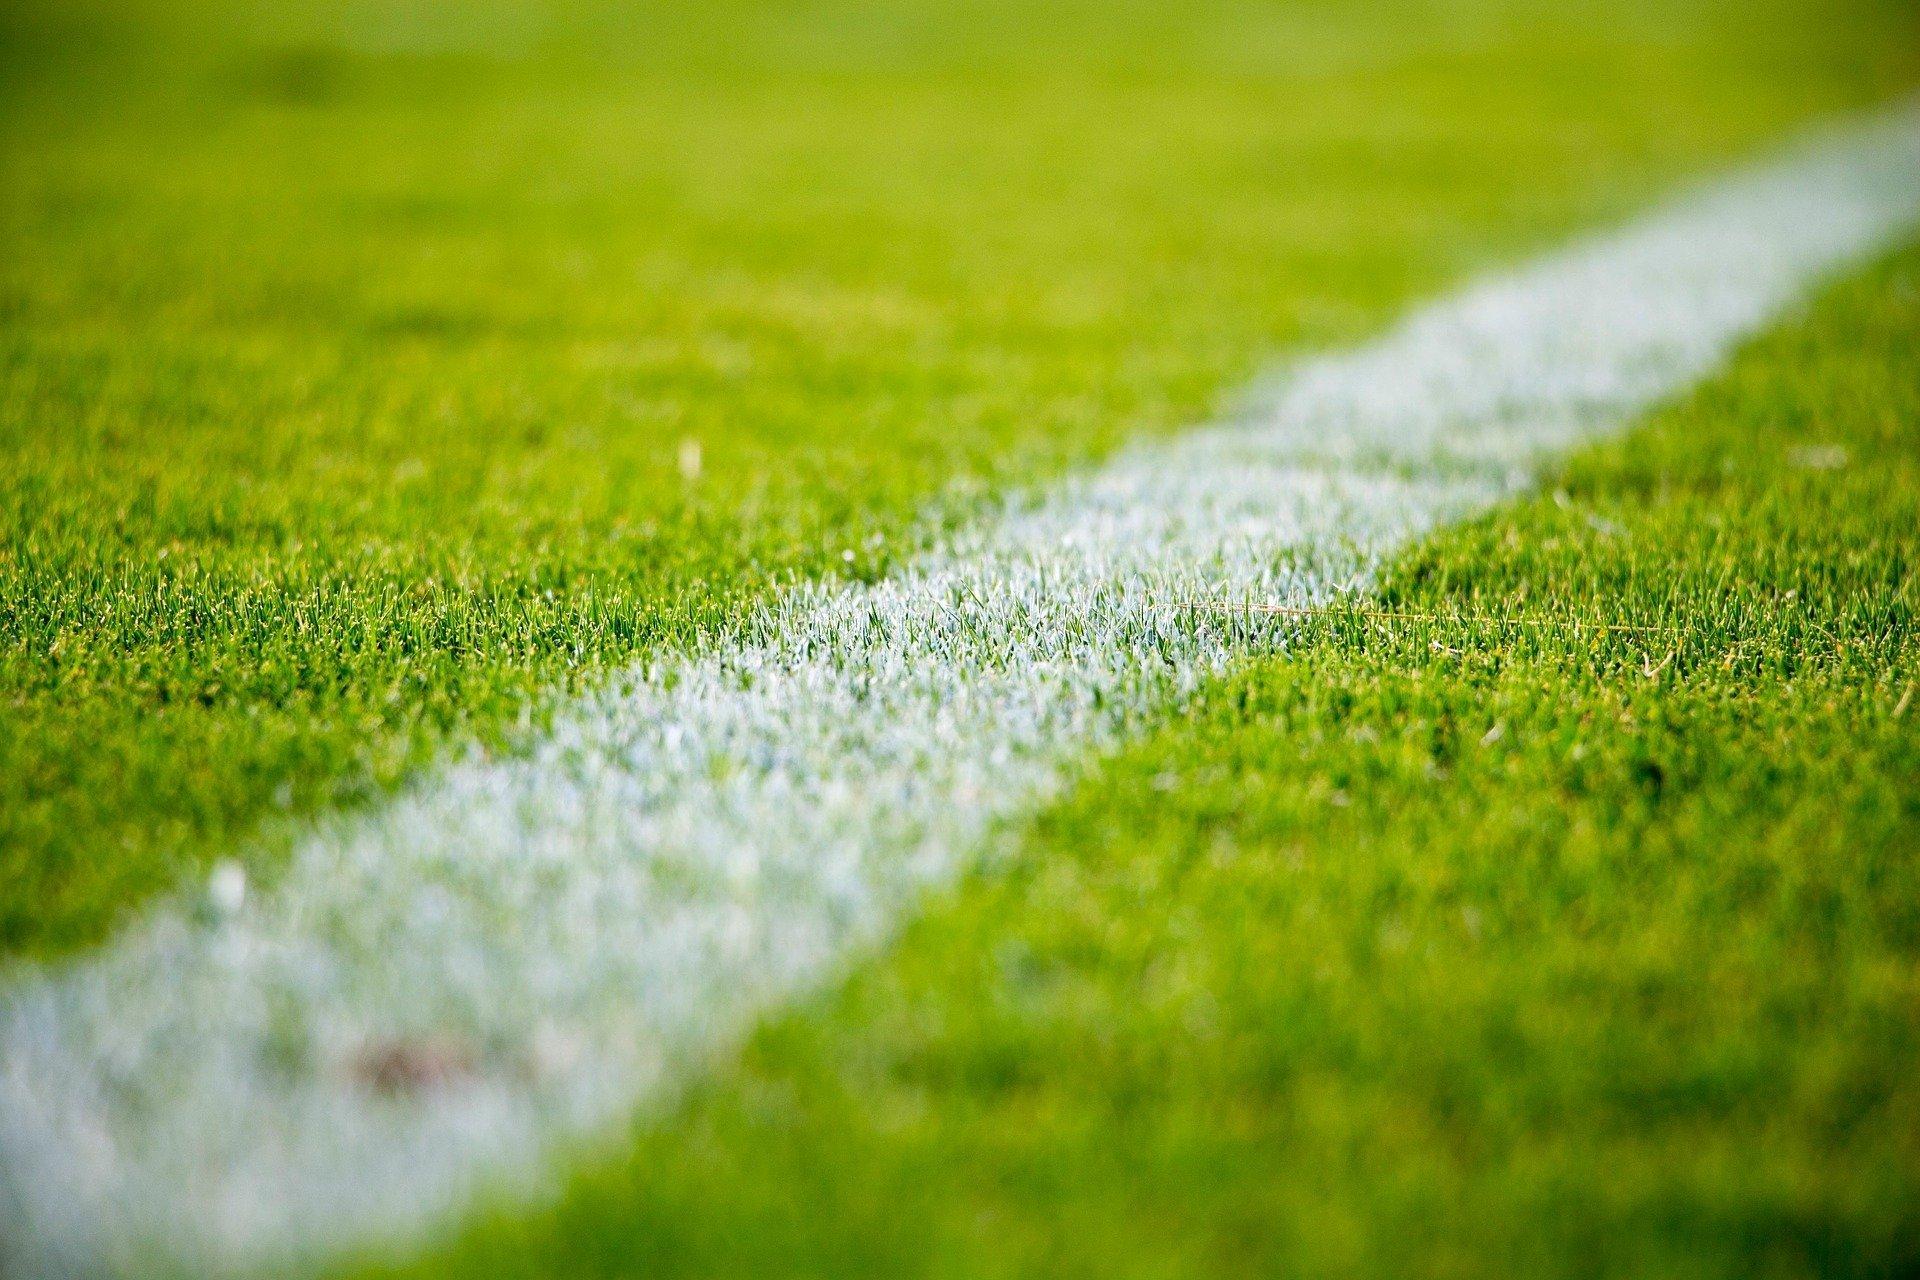 Calendari FIGC gare A.s.d. Villaggio Calcio – fase autunnale